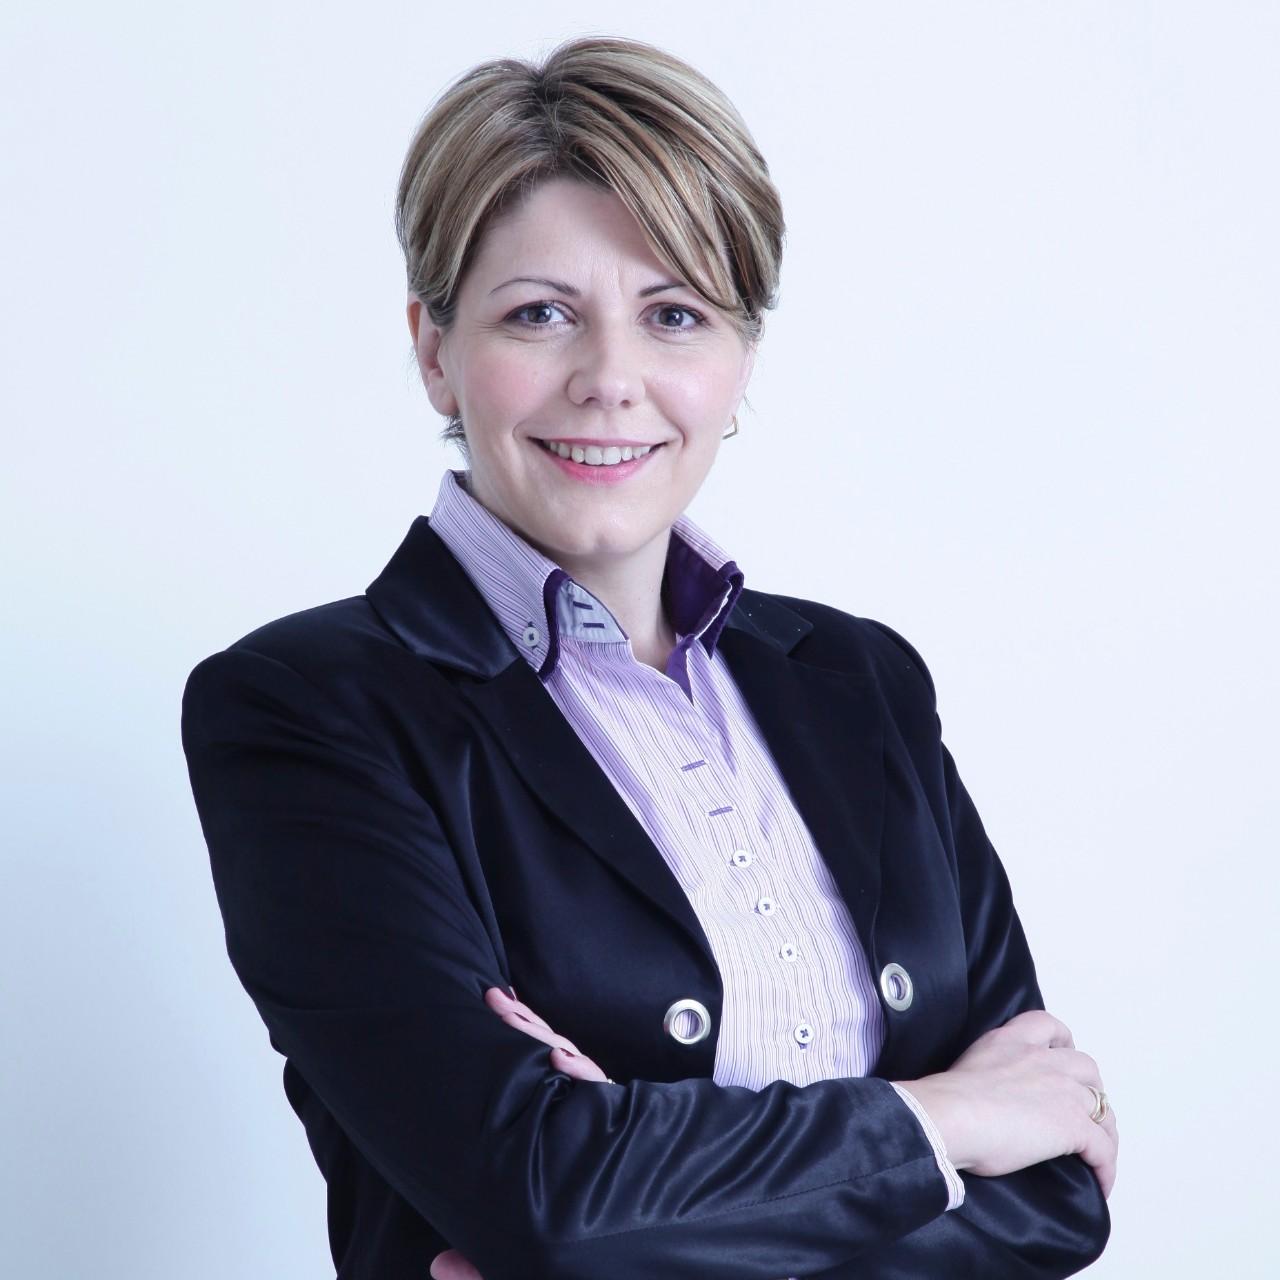 Jelena Trninić